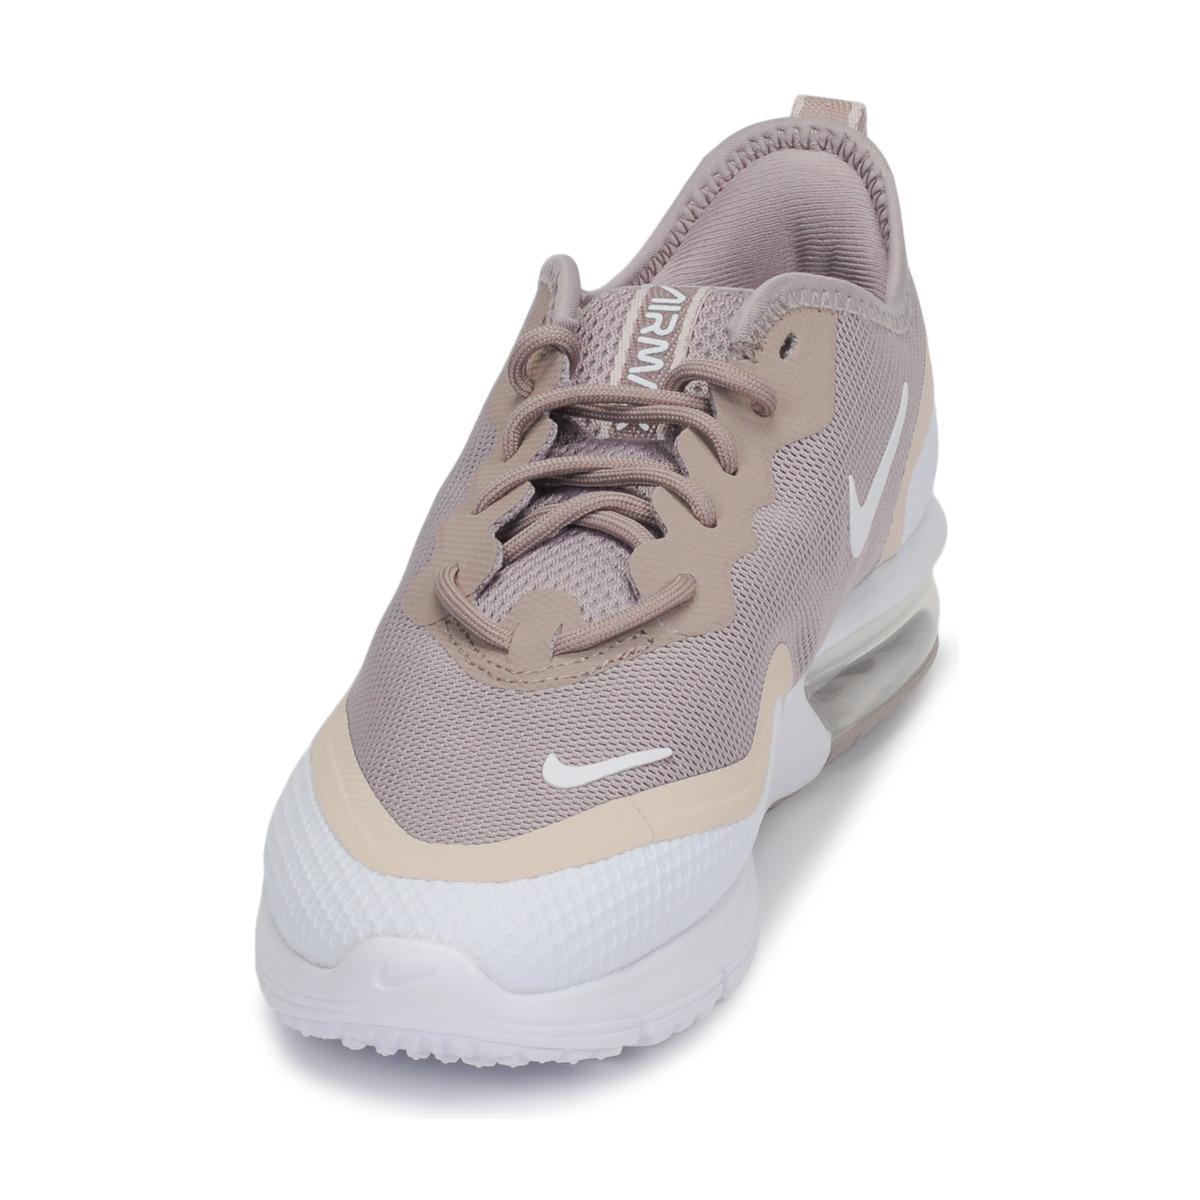 scarpe nike air max sequent donna